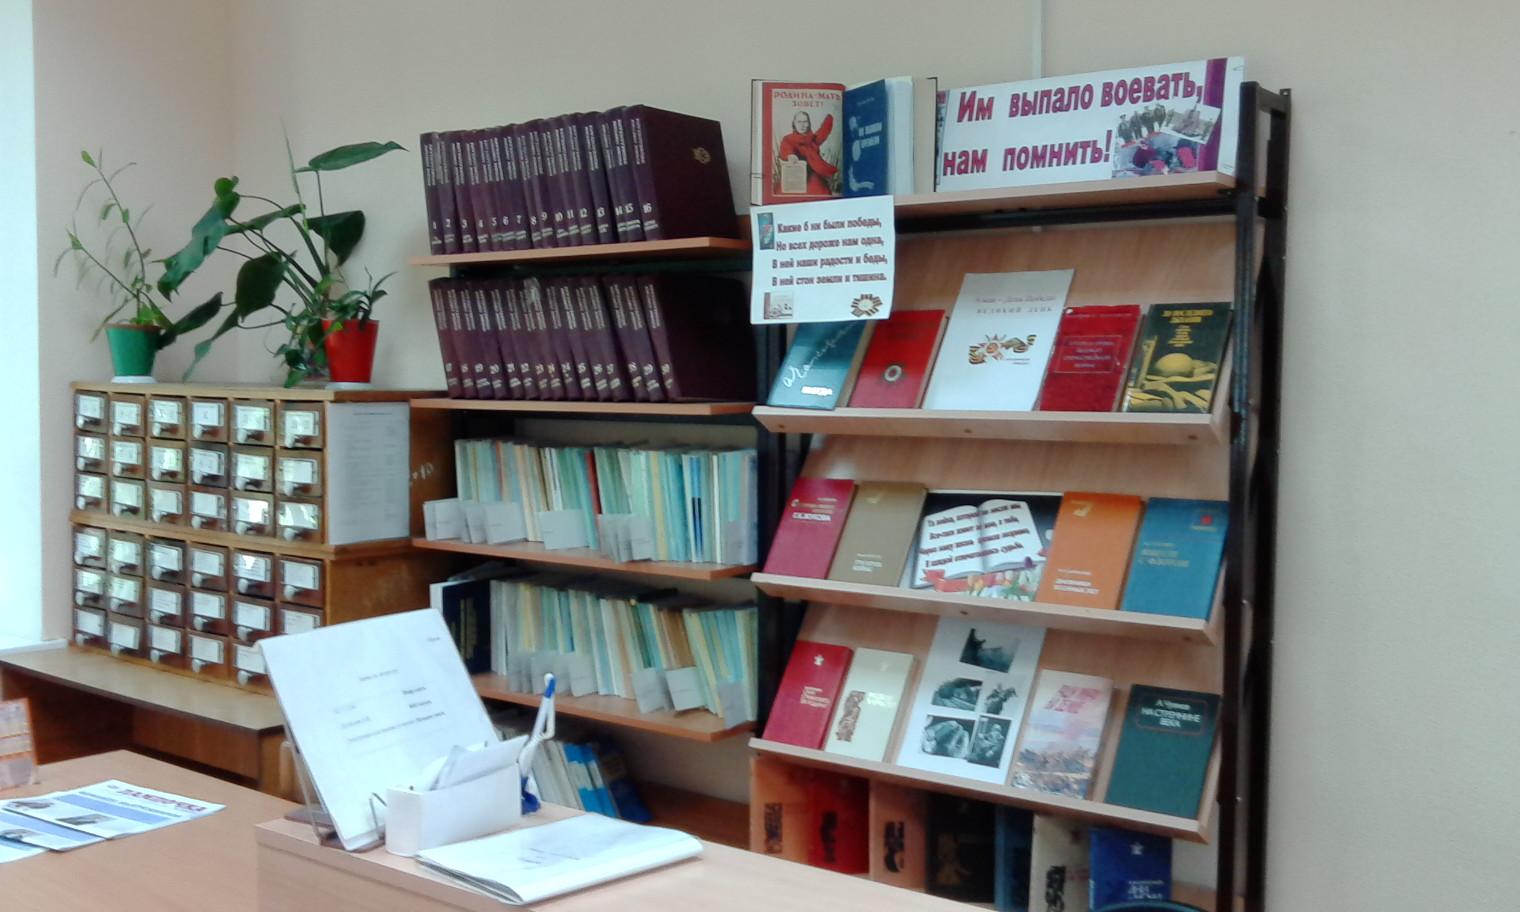 Библиотека Филиал МЭИ в г Волжском читальный зал фото 2